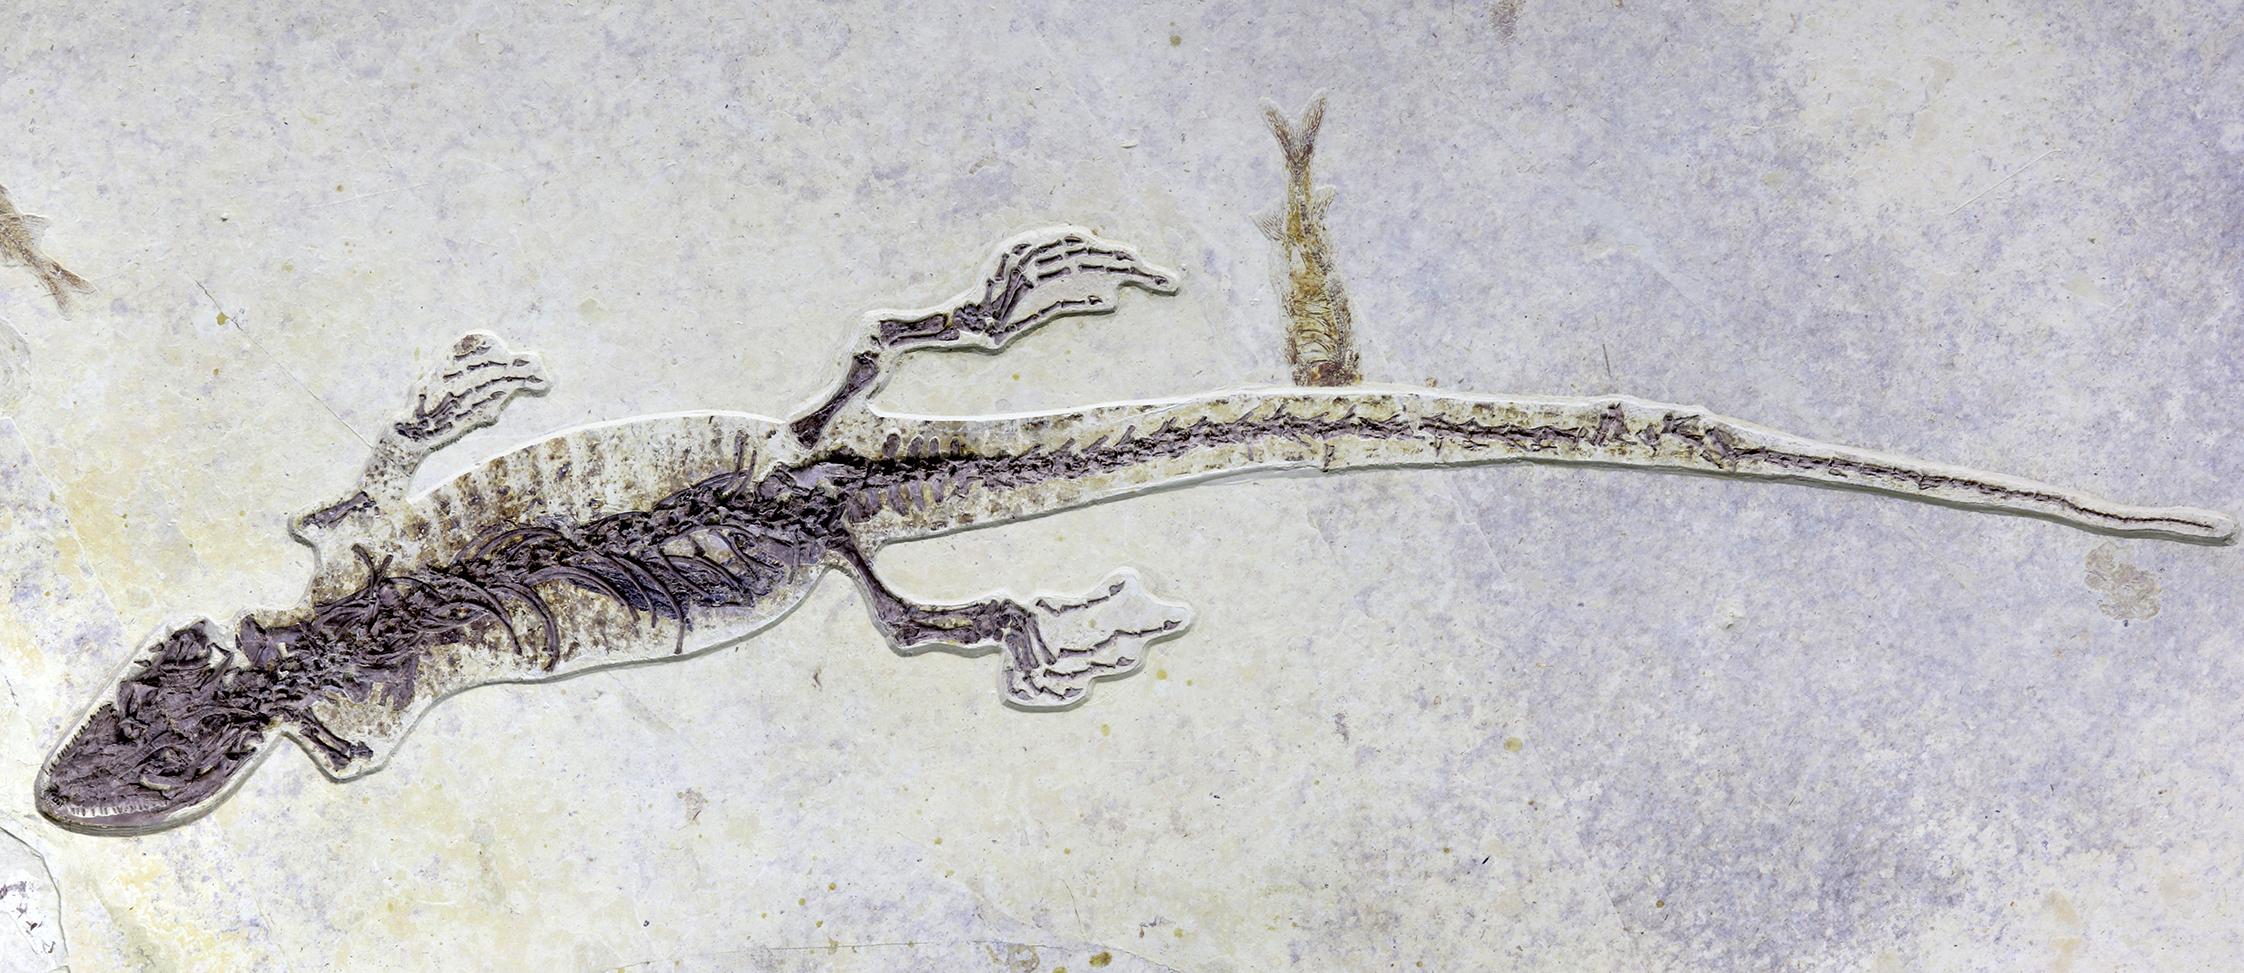 1億年前のヤベイノサウルス標本、中国・遼寧省で発見 胃に内容物も